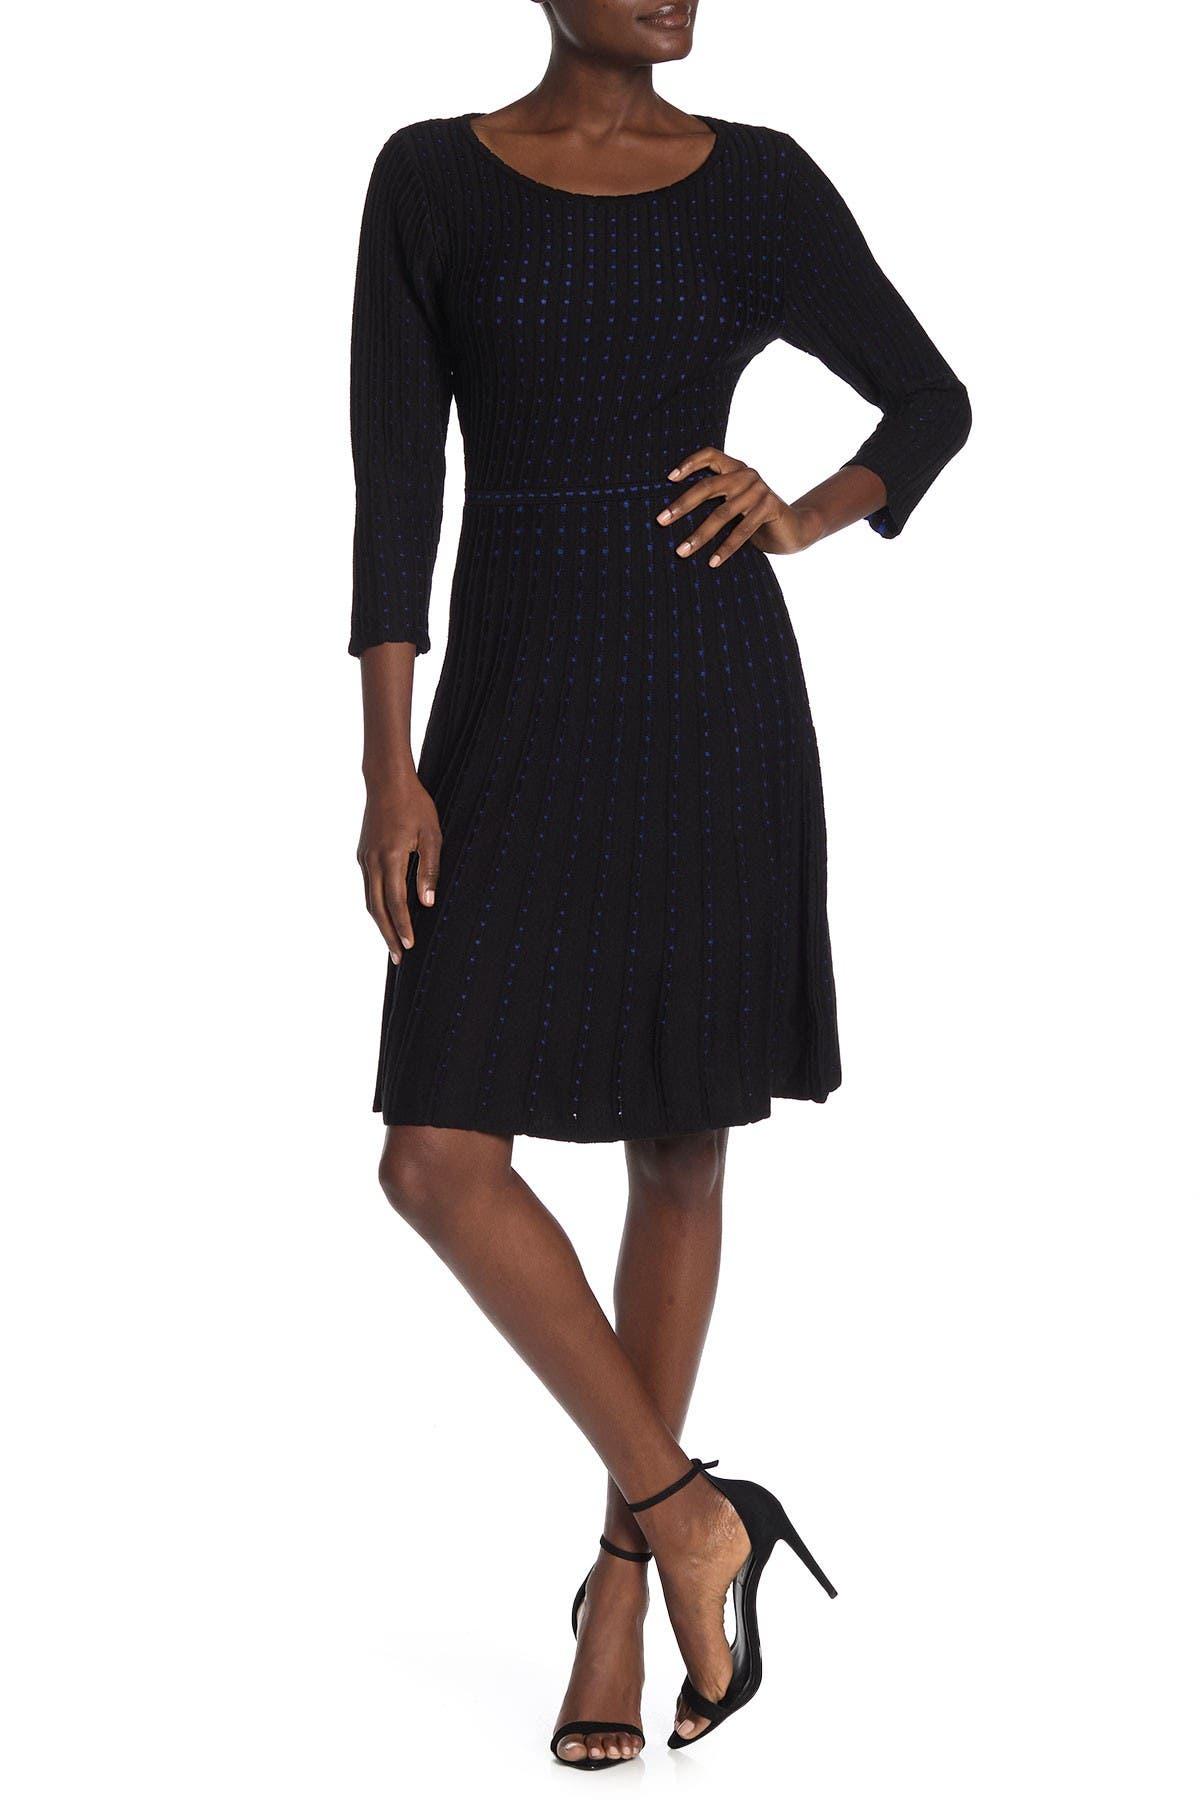 Image of Nina Leonard Dot Pattern Sweater Dress